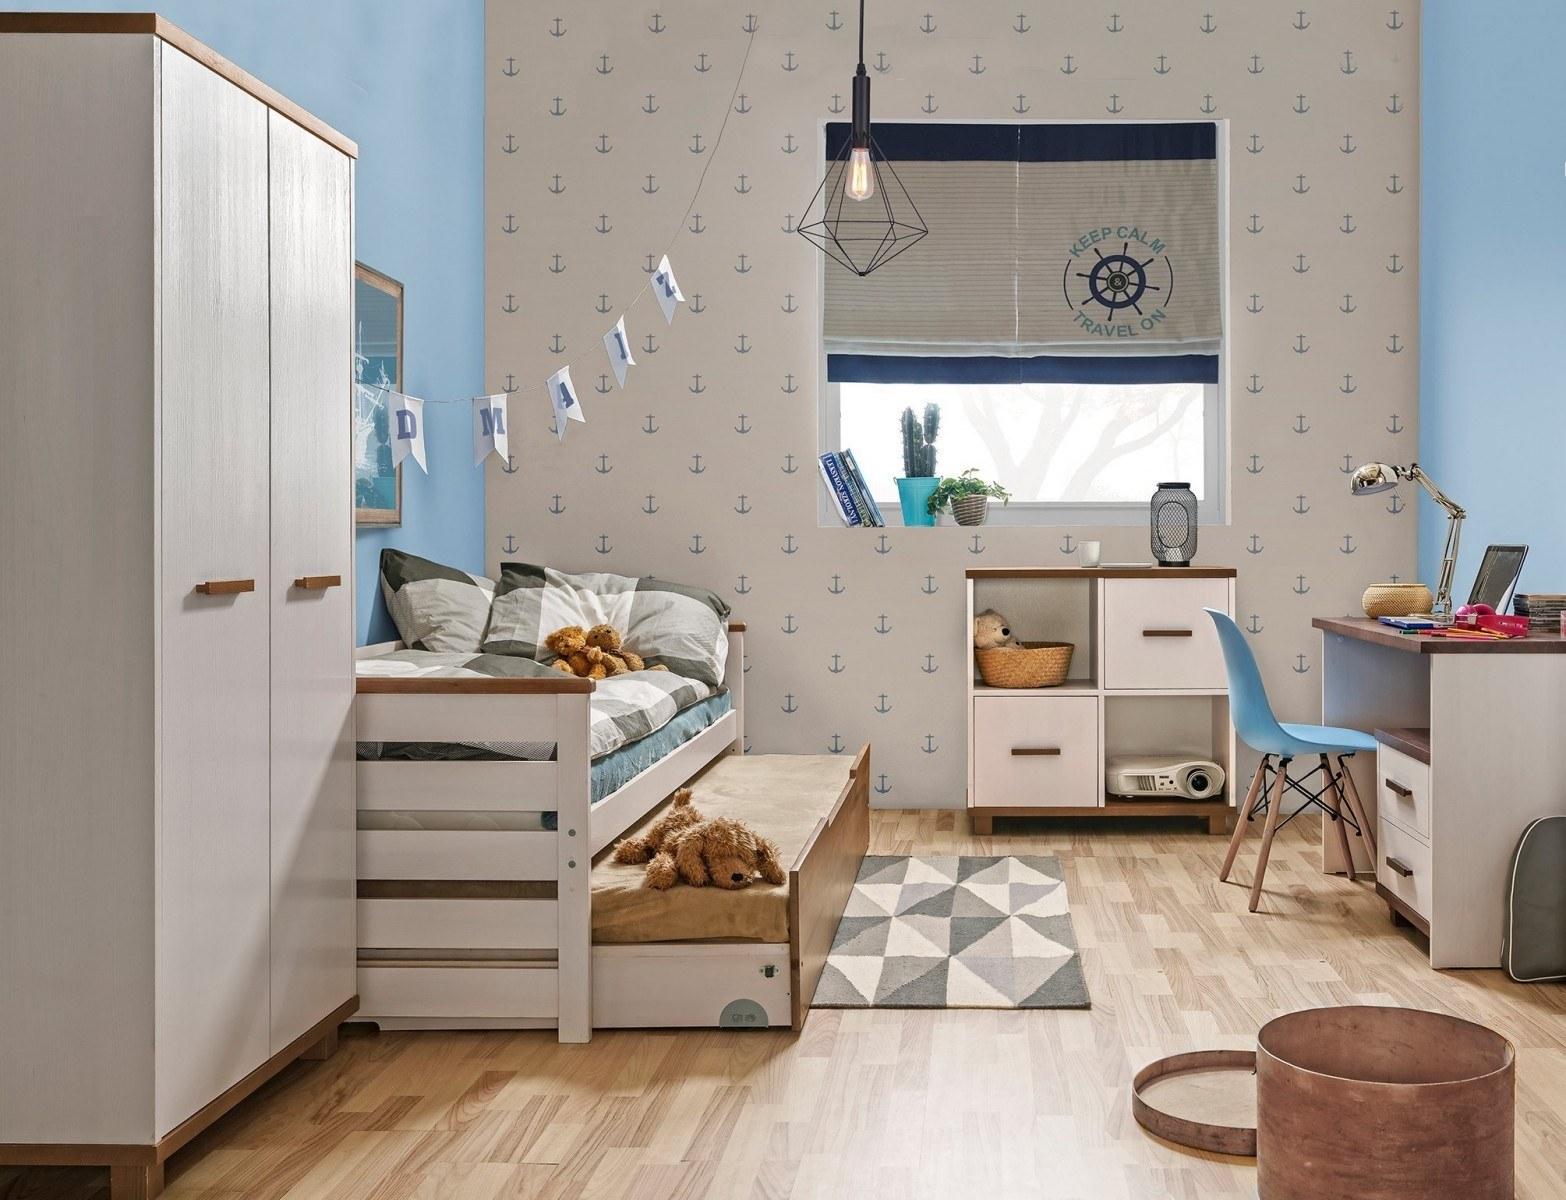 Full Size of Schrankbett 180x200 Ikea Jugend Bett Schrank Kombination Nehl Modulküche Selber Bauen Küche Kosten Ebay Betten Mit Bettkasten Eiche Massiv Schwarz Wohnzimmer Schrankbett 180x200 Ikea